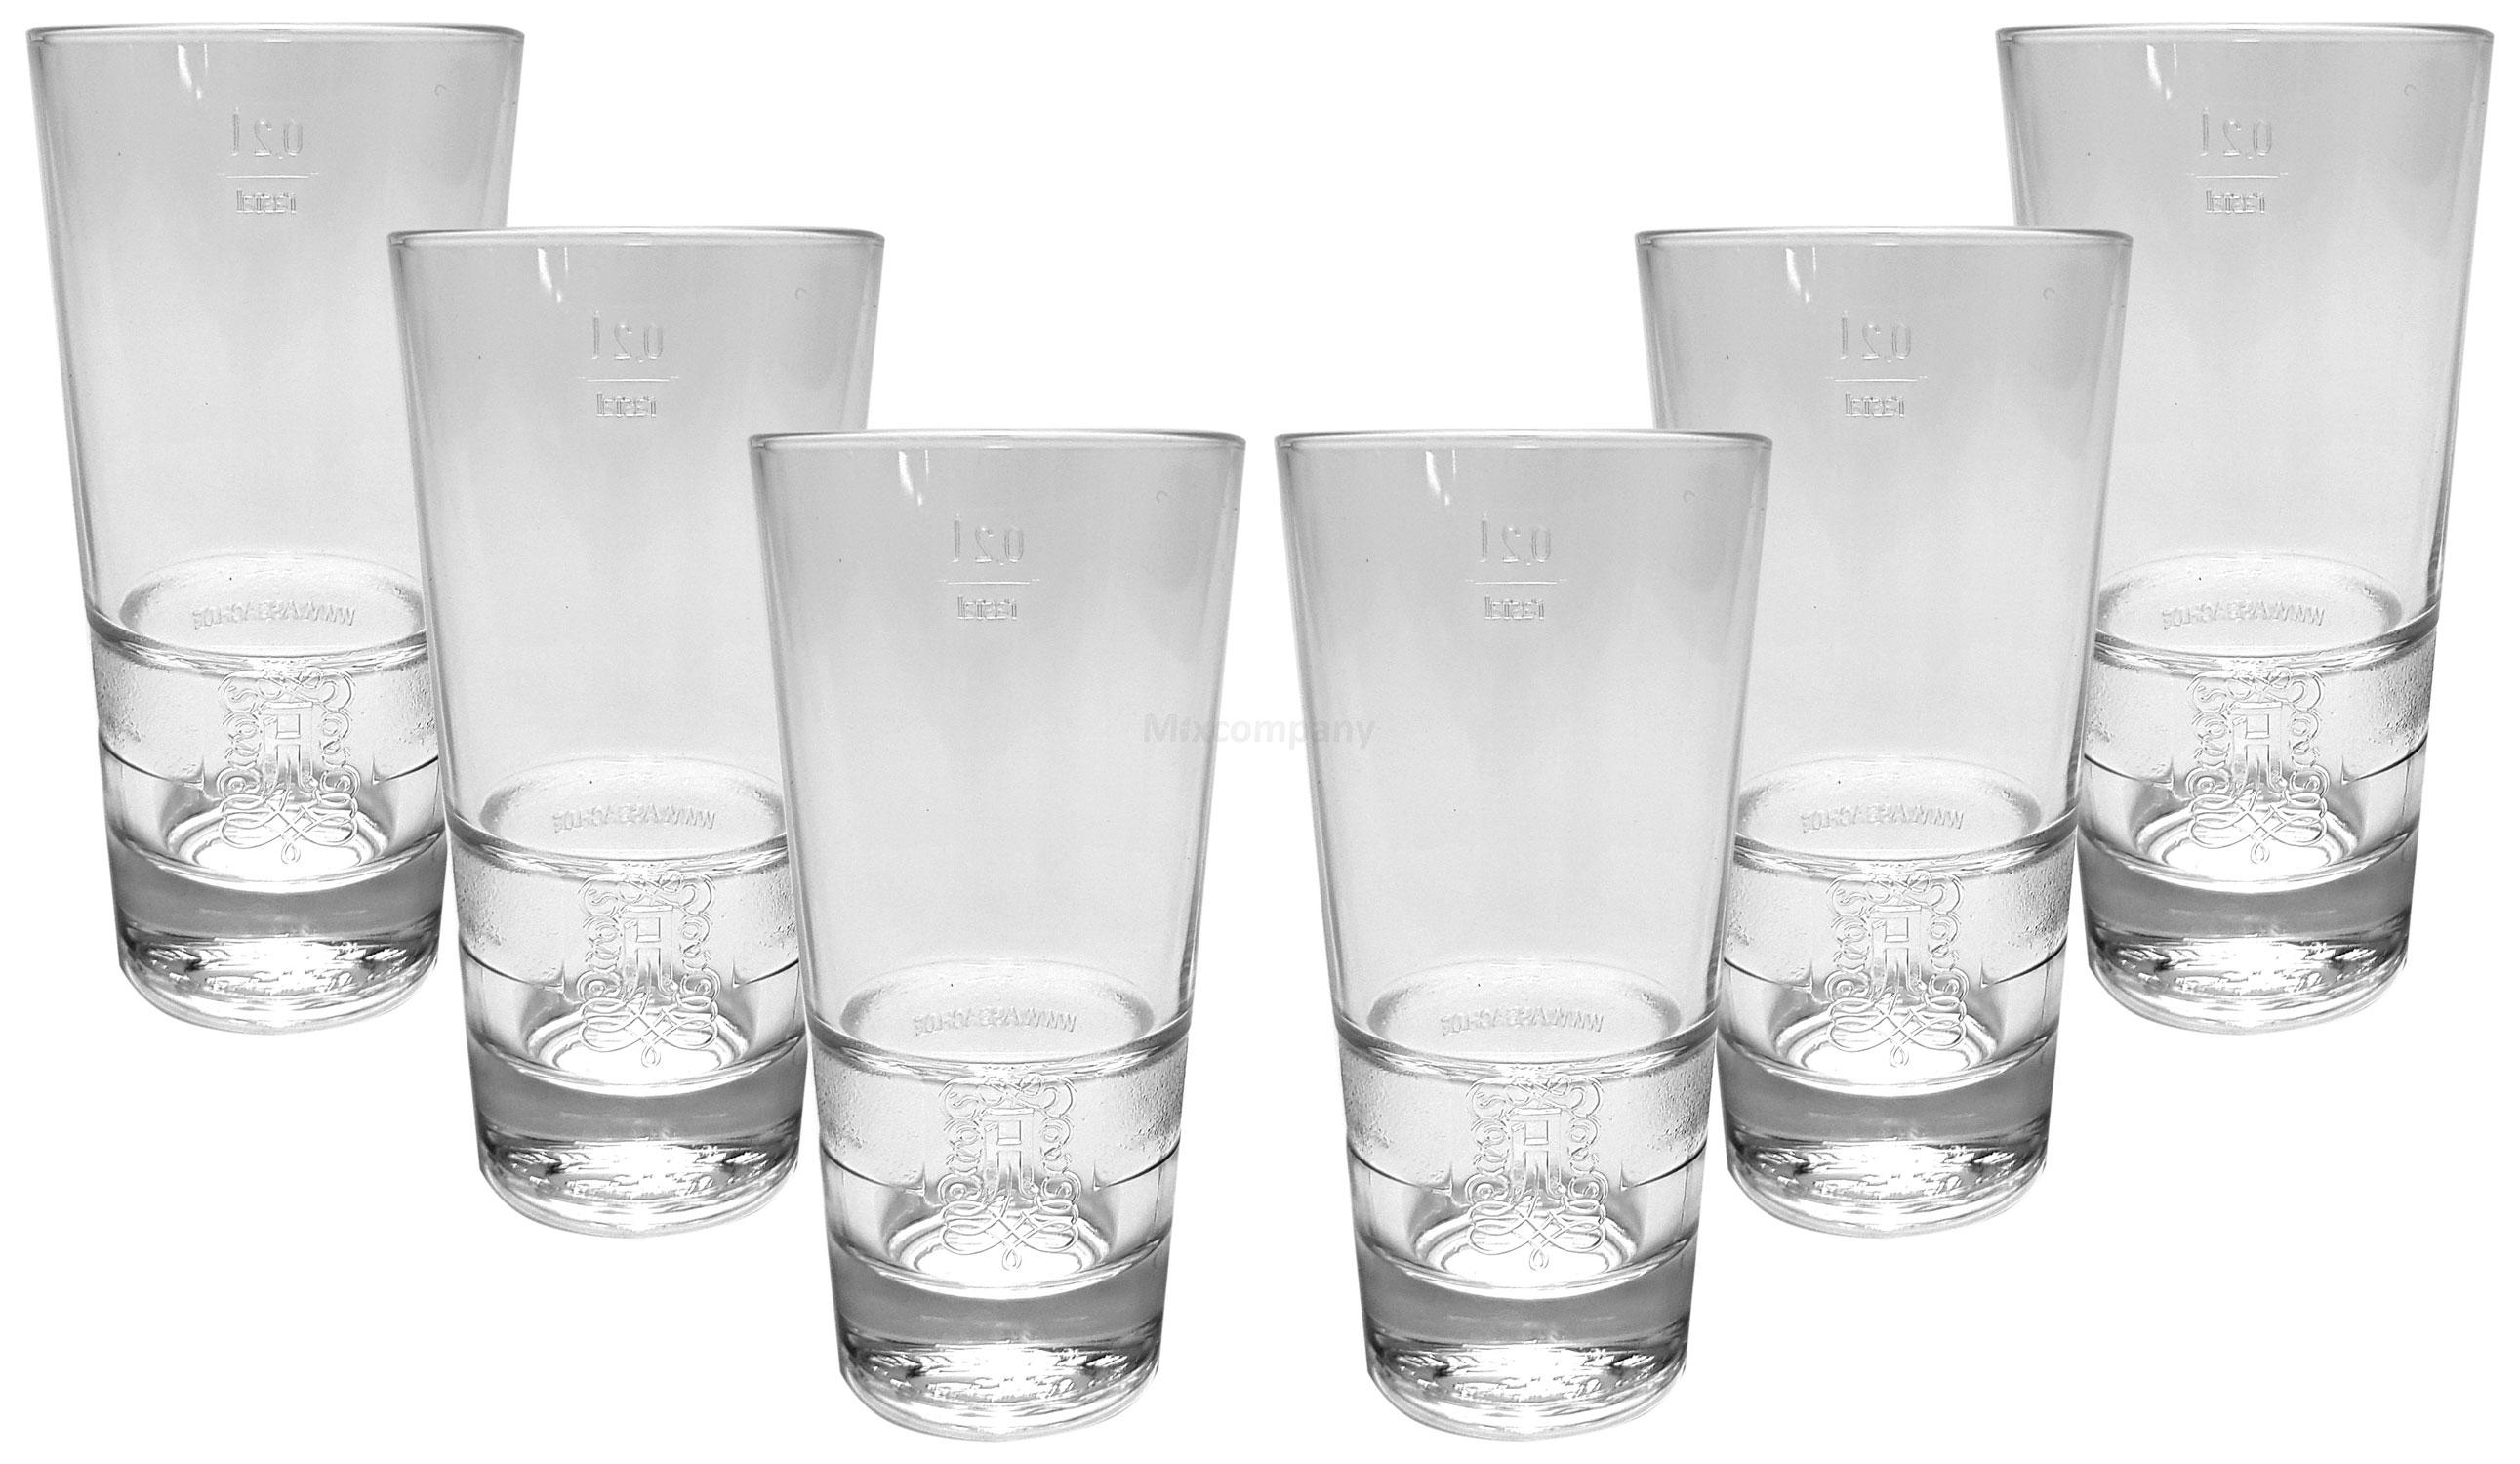 Asbach Longdrink Glas Gläserset - 6x Gläser 20cl geeicht